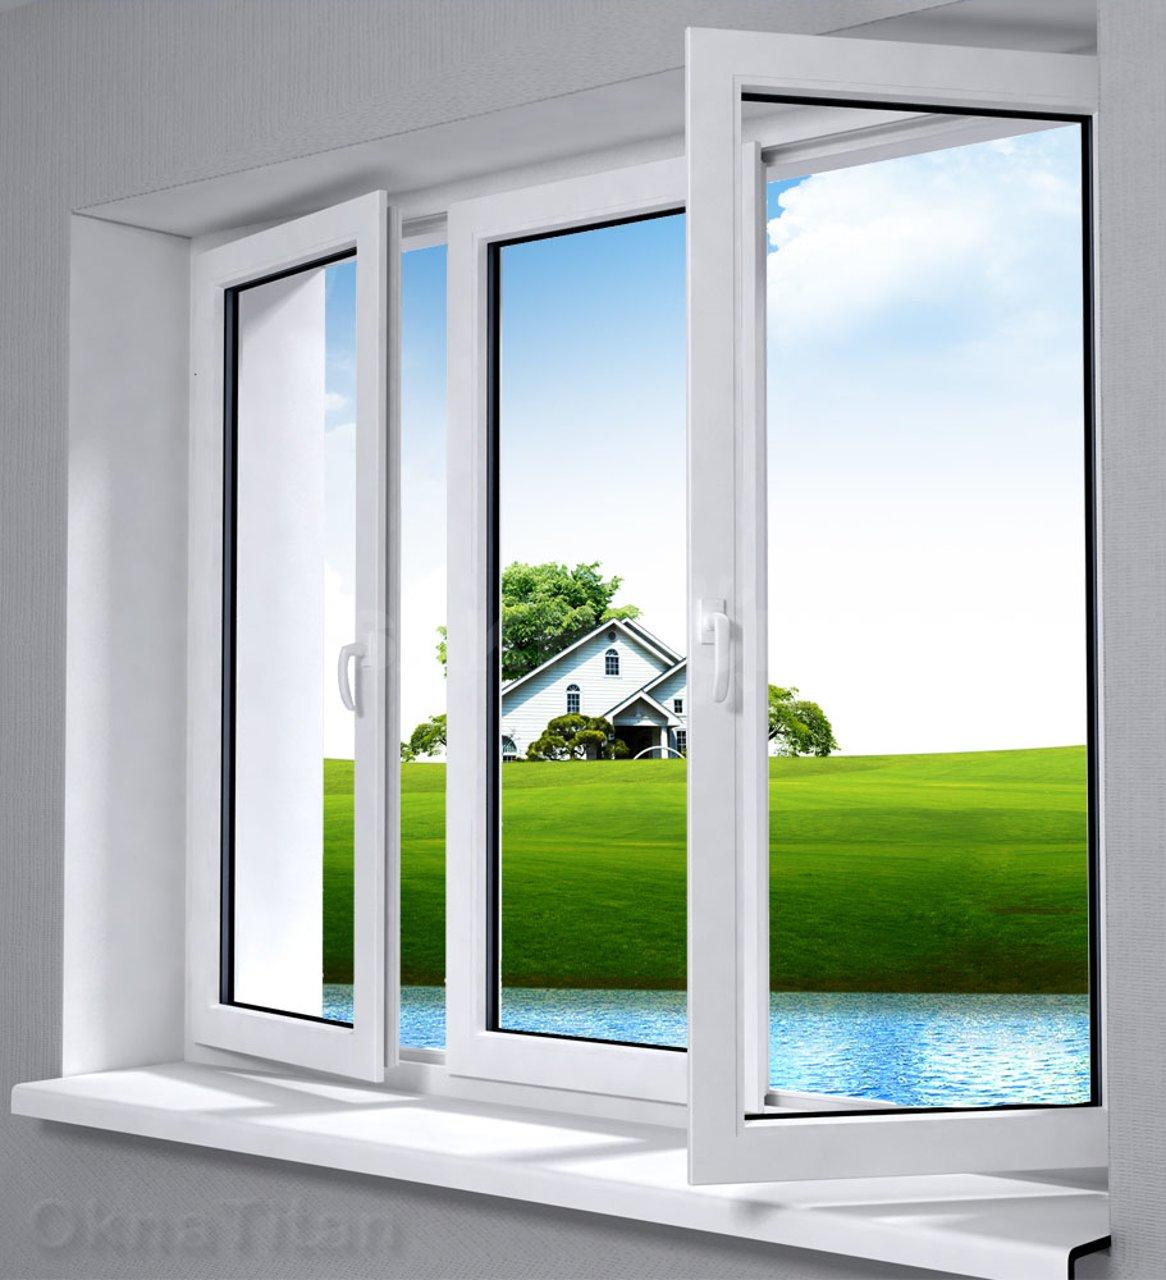 Какие пластиковые окна лучше поставить?